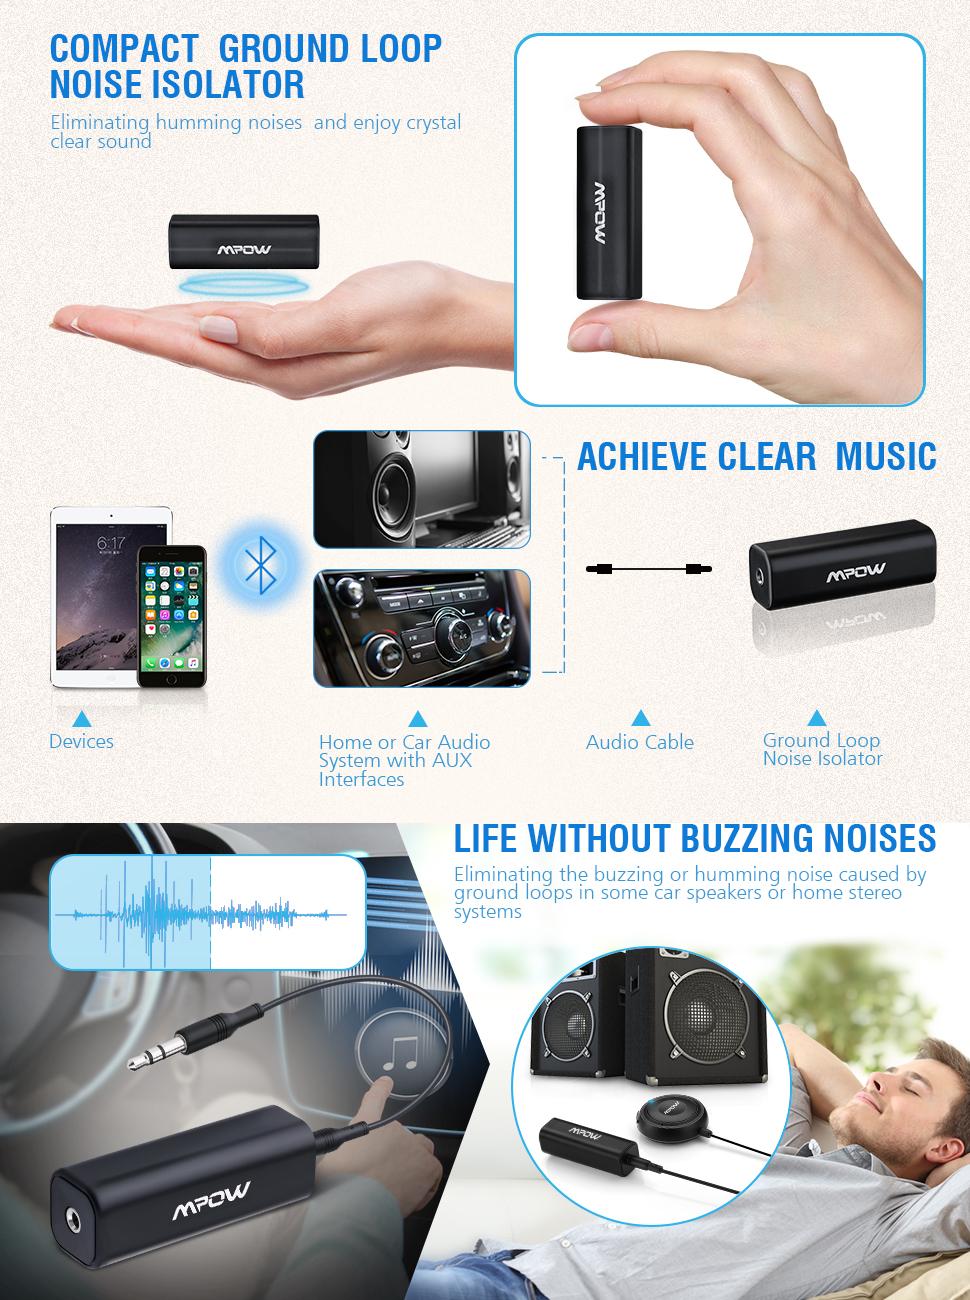 Amazon Com Mpow Ground Loop Noise Isolator For Car Audio